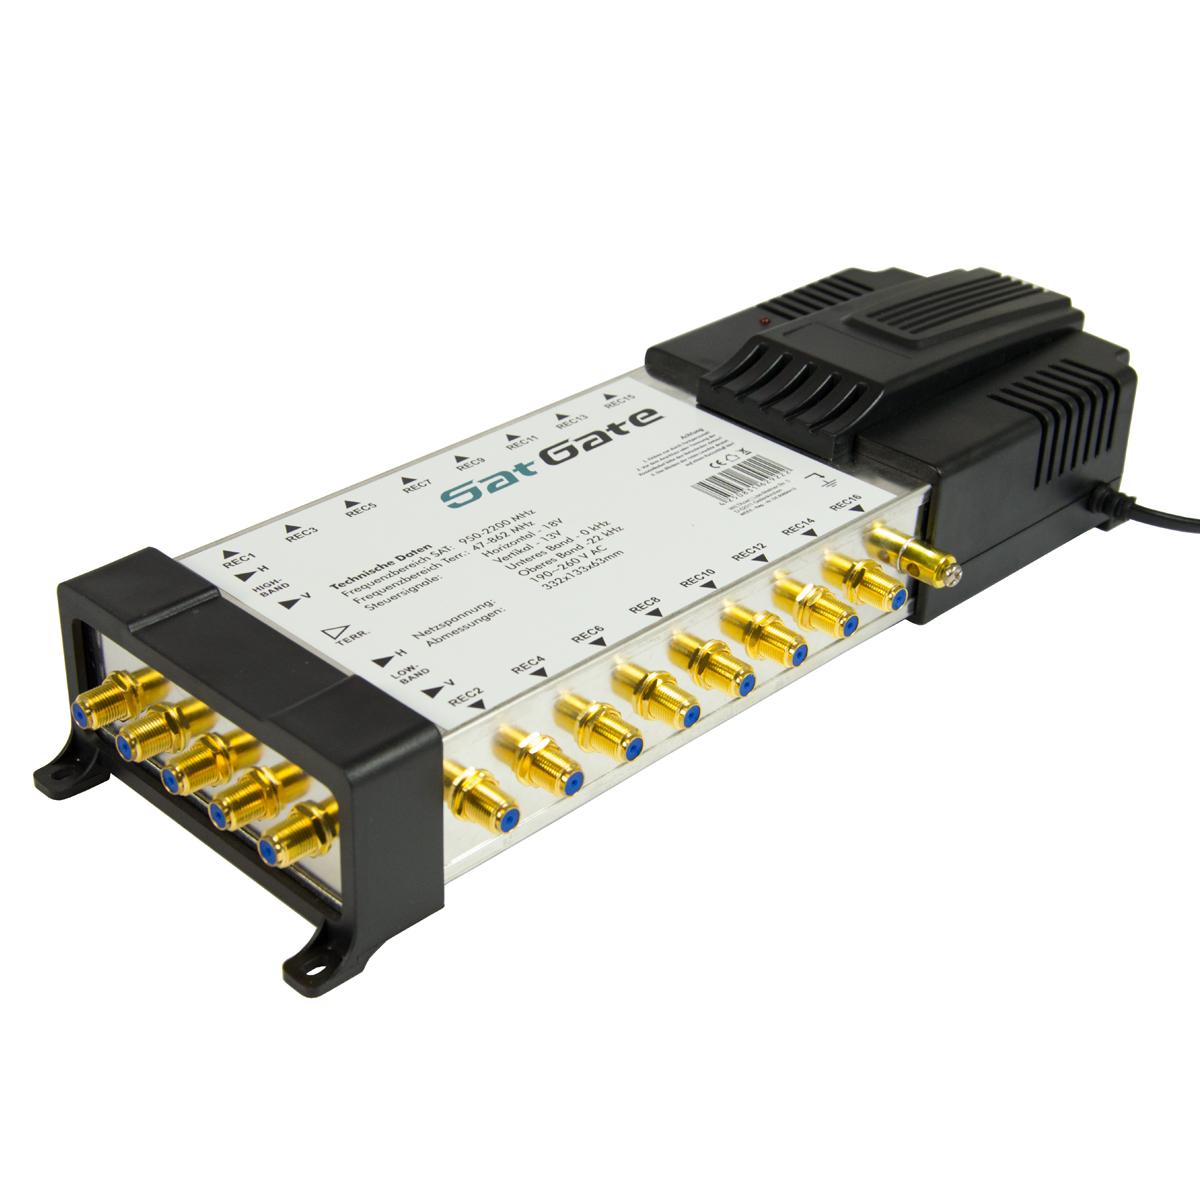 SatGate Multischalter 5/16 Verteiler Switch Matrix für 16 Teilnehmer 1x Sat Eingang Multiswitch FULL HD HDTV 4K UHD